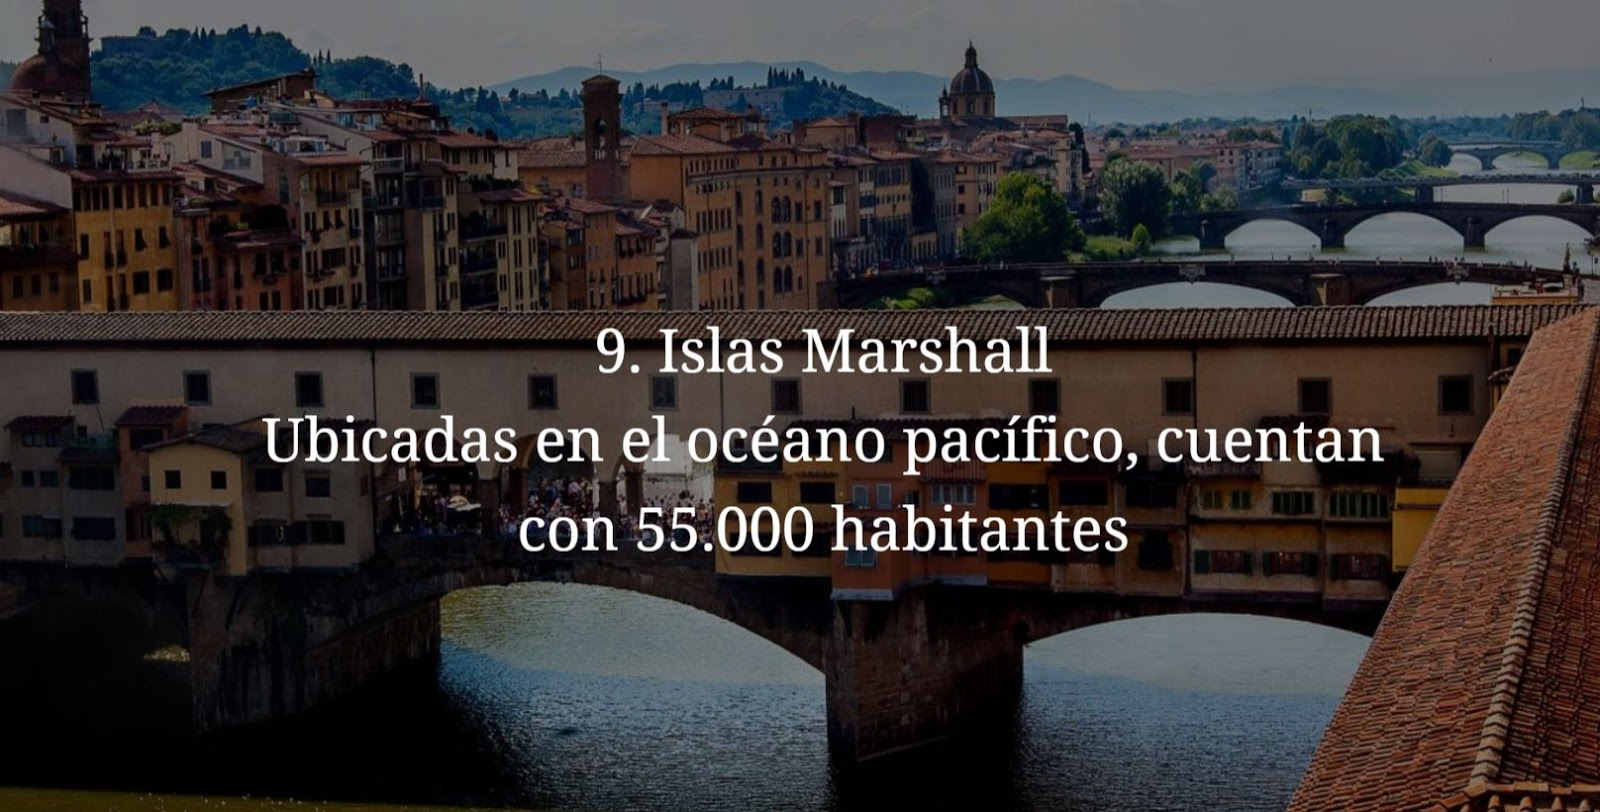 Islas Marshall, paises mas pequeños y menos habitados del mundo